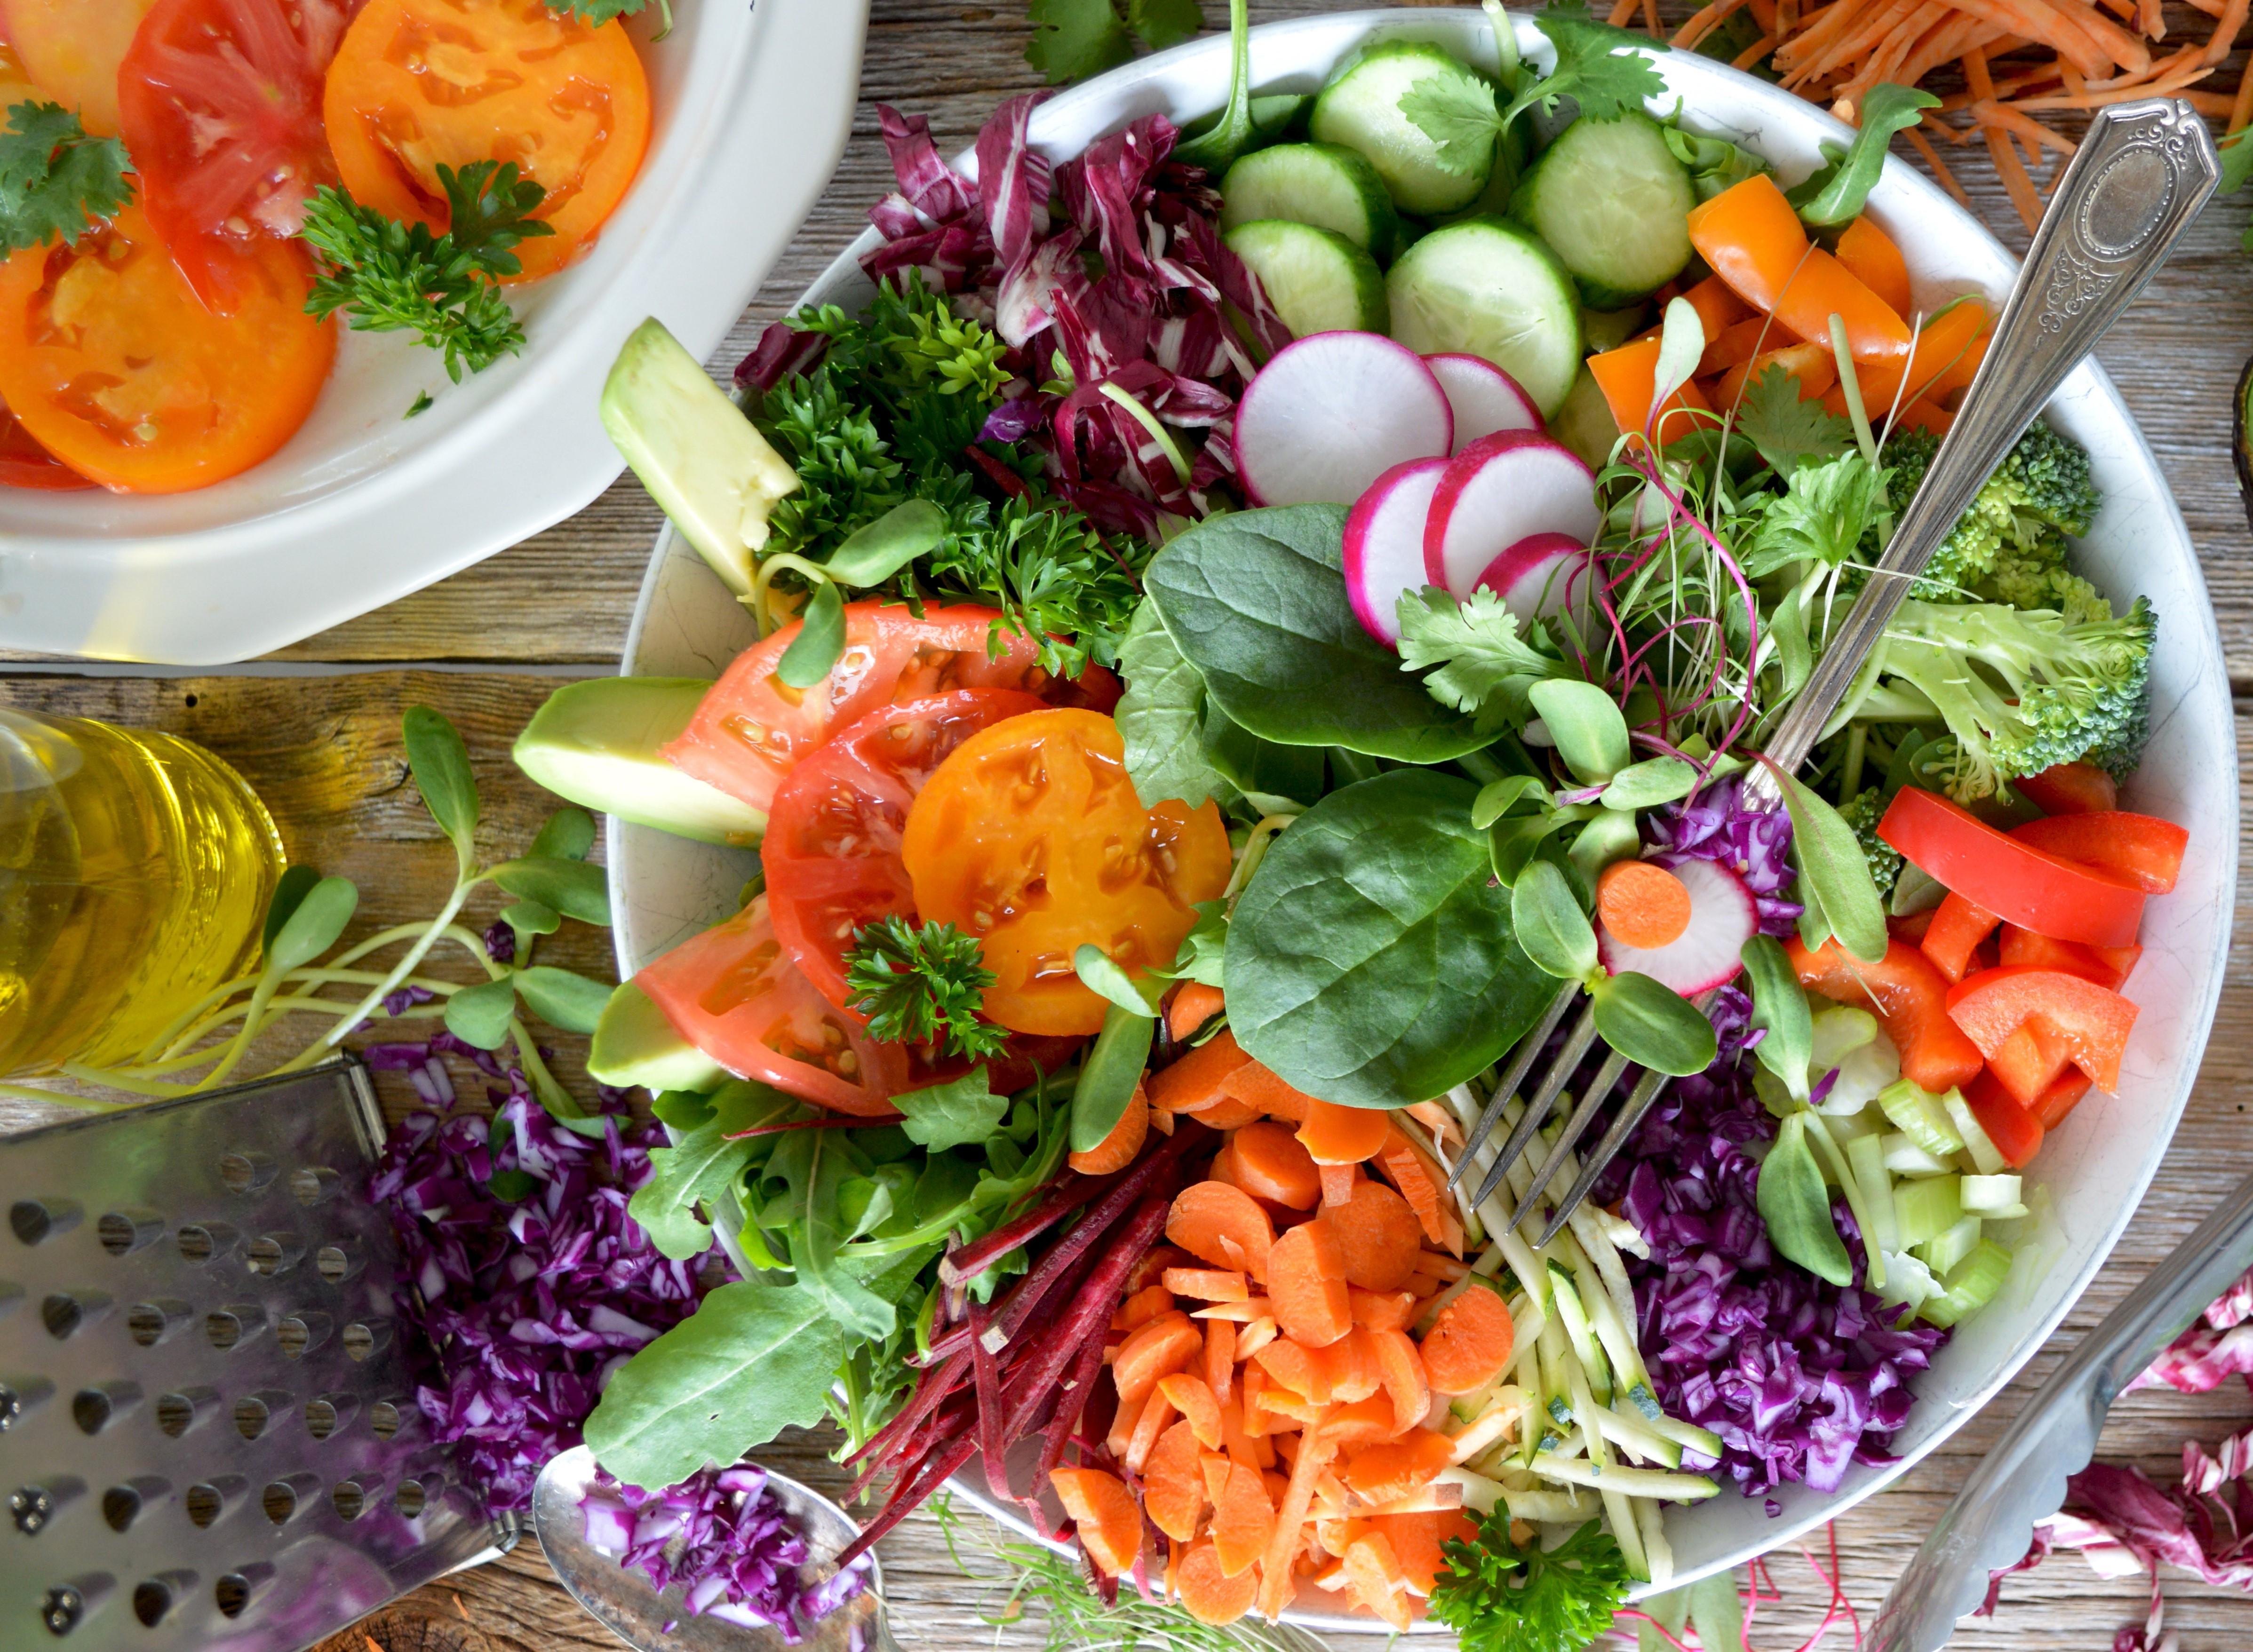 Nachhaltig essen bunt gemischte Salatschüssel steht auf einem Tisch